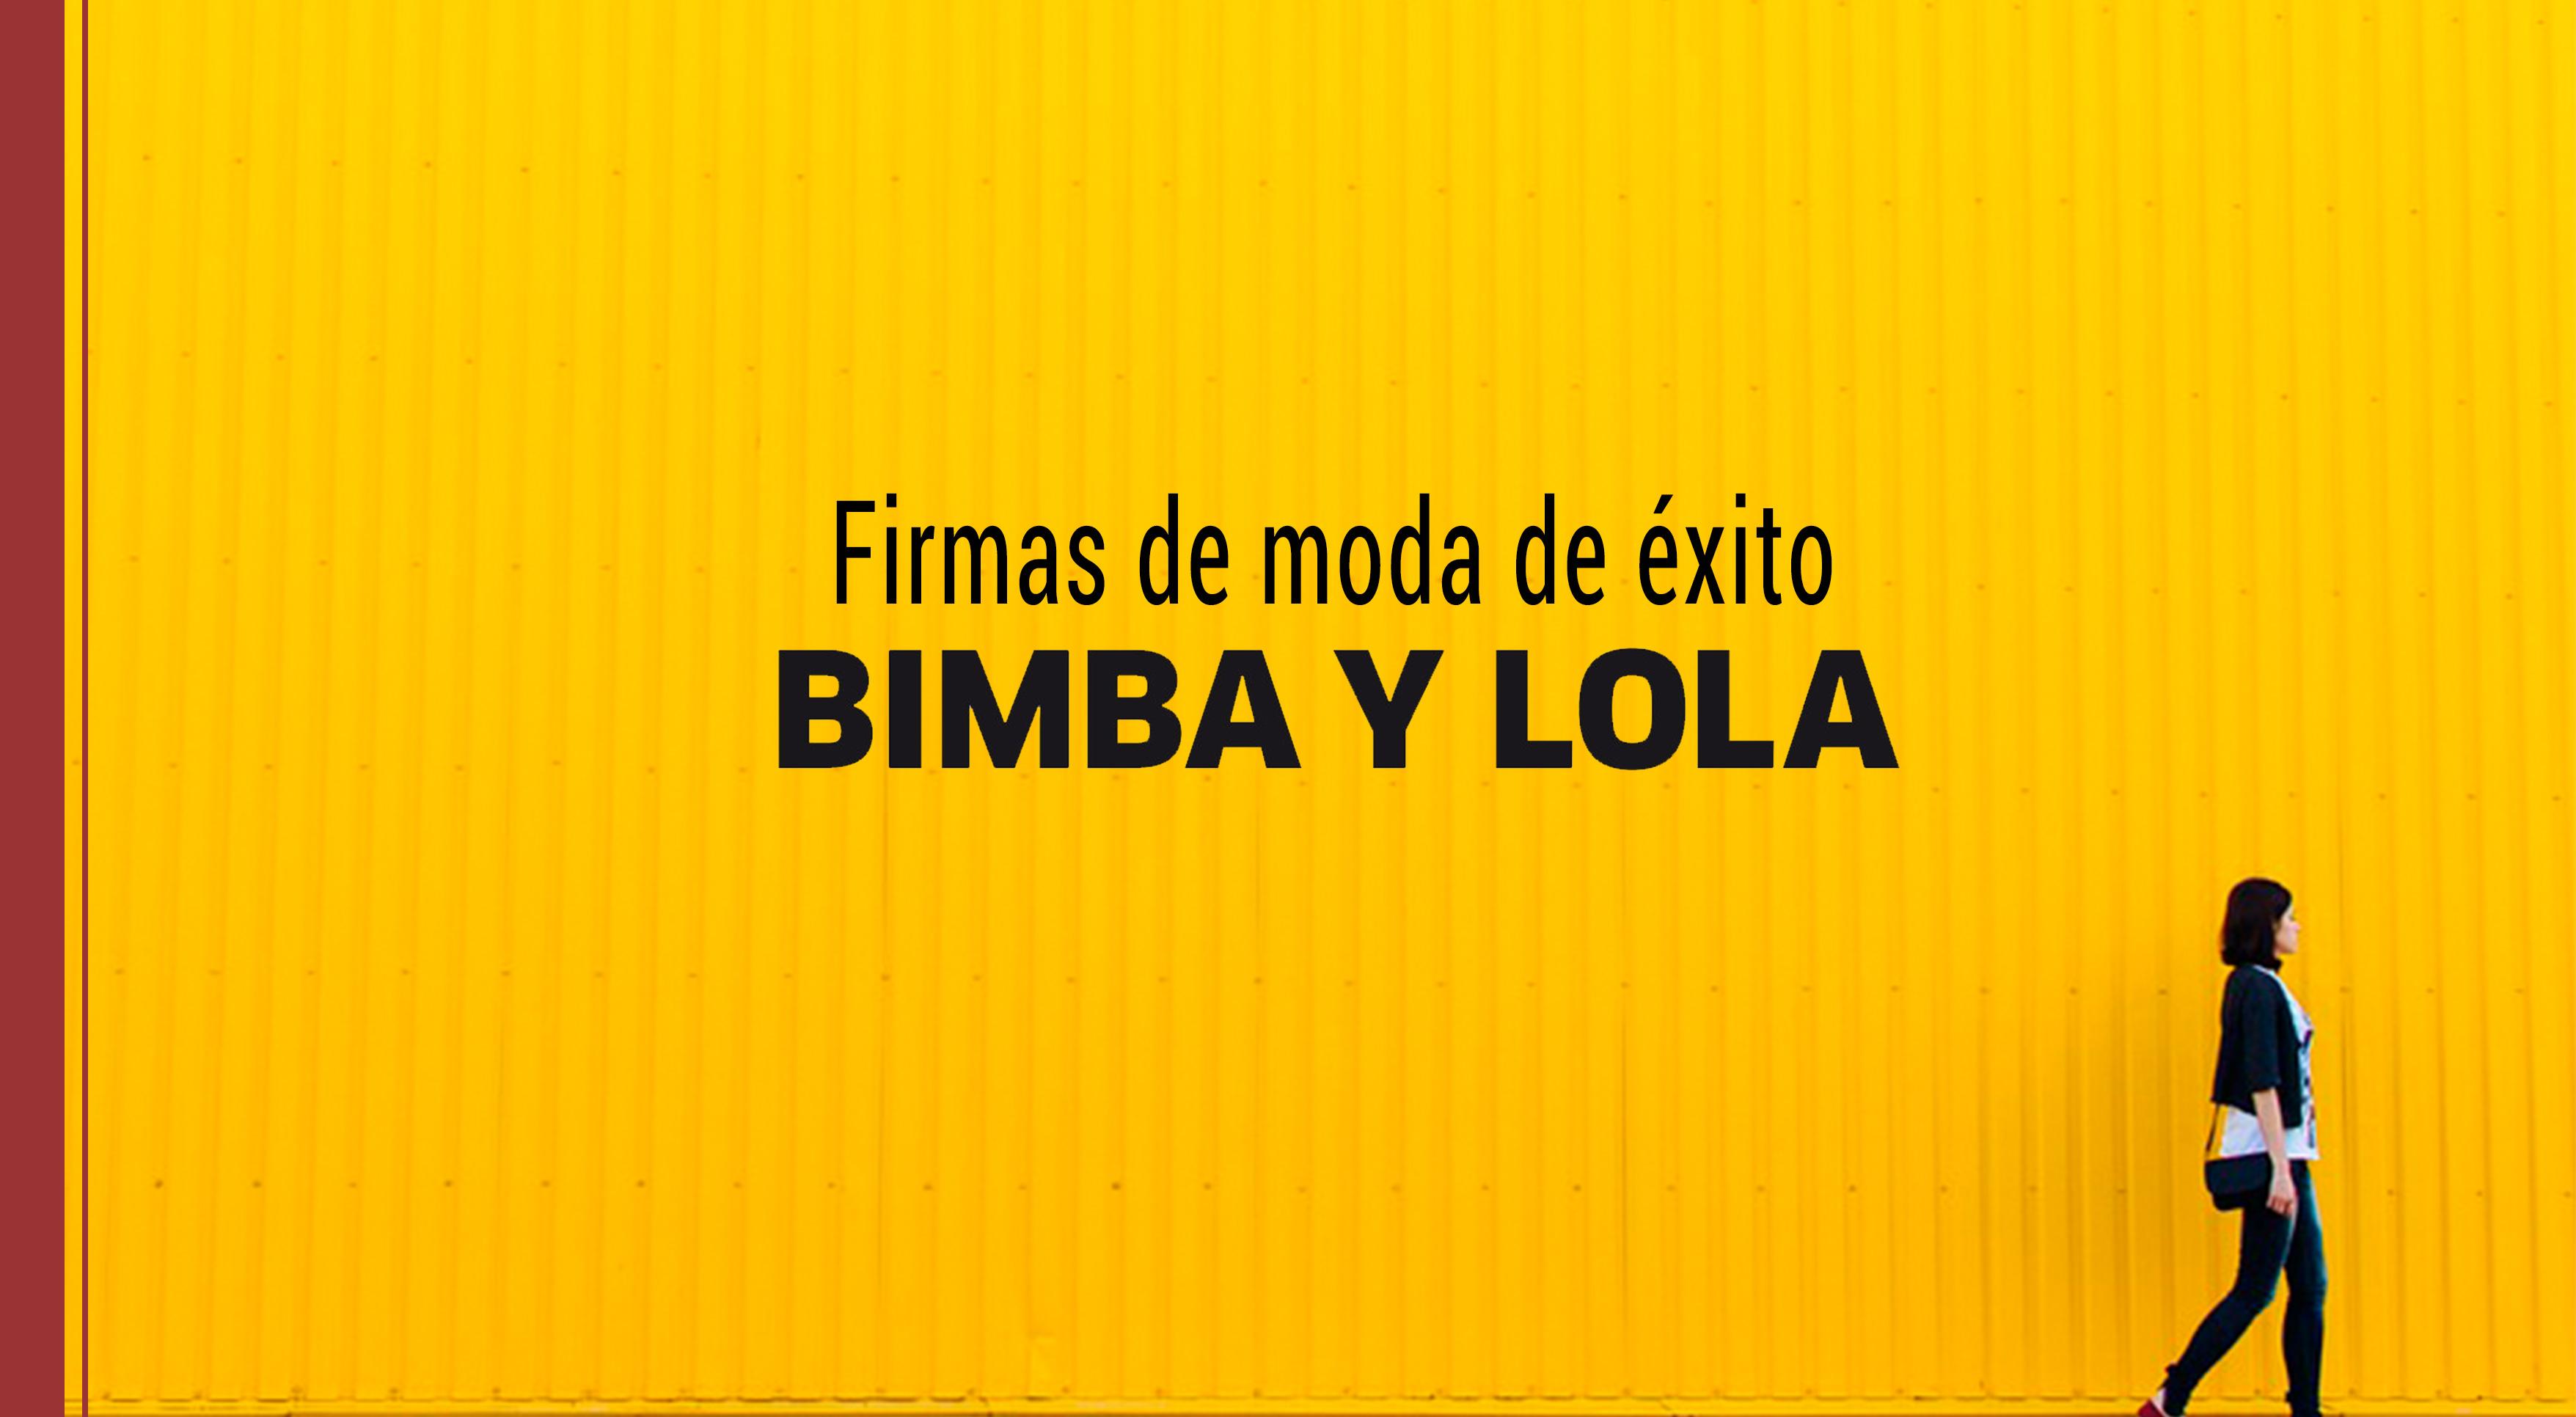 firmas-de-moda-de-exito-bimba-y-lola Firmas de moda de éxito: Bimba y Lola